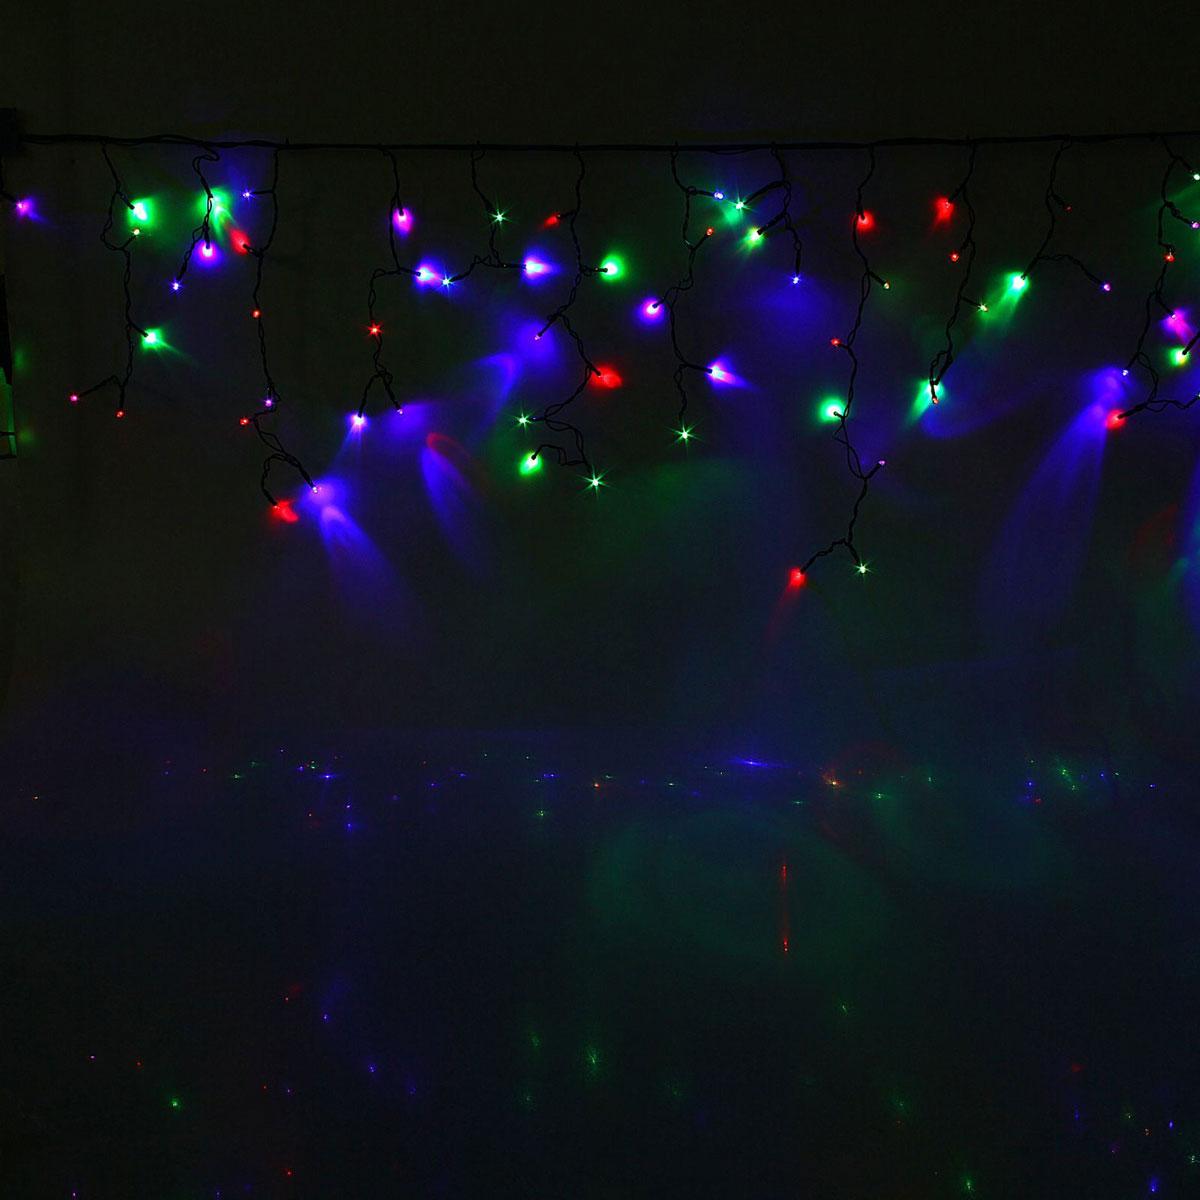 Гирлянда светодиодная Luazon Бахрома, уличная, моргает, 120 ламп, 220 V, цвет: мультиколор, 2 х 0,6 м. 10801501080150Светодиодные гирлянды, ленты и т.д — это отличный вариант для новогоднего оформления интерьера или фасада. С их помощью помещение любого размера можно превратить в праздничный зал, а внешние элементы зданий, украшенные ими, мгновенно станут напоминать очертания сказочного дворца. Такие украшения создают ауру предвкушения чуда. Деревья, фасады, витрины, окна и арки будто специально созданы, чтобы вы украсили их светящимися нитями.